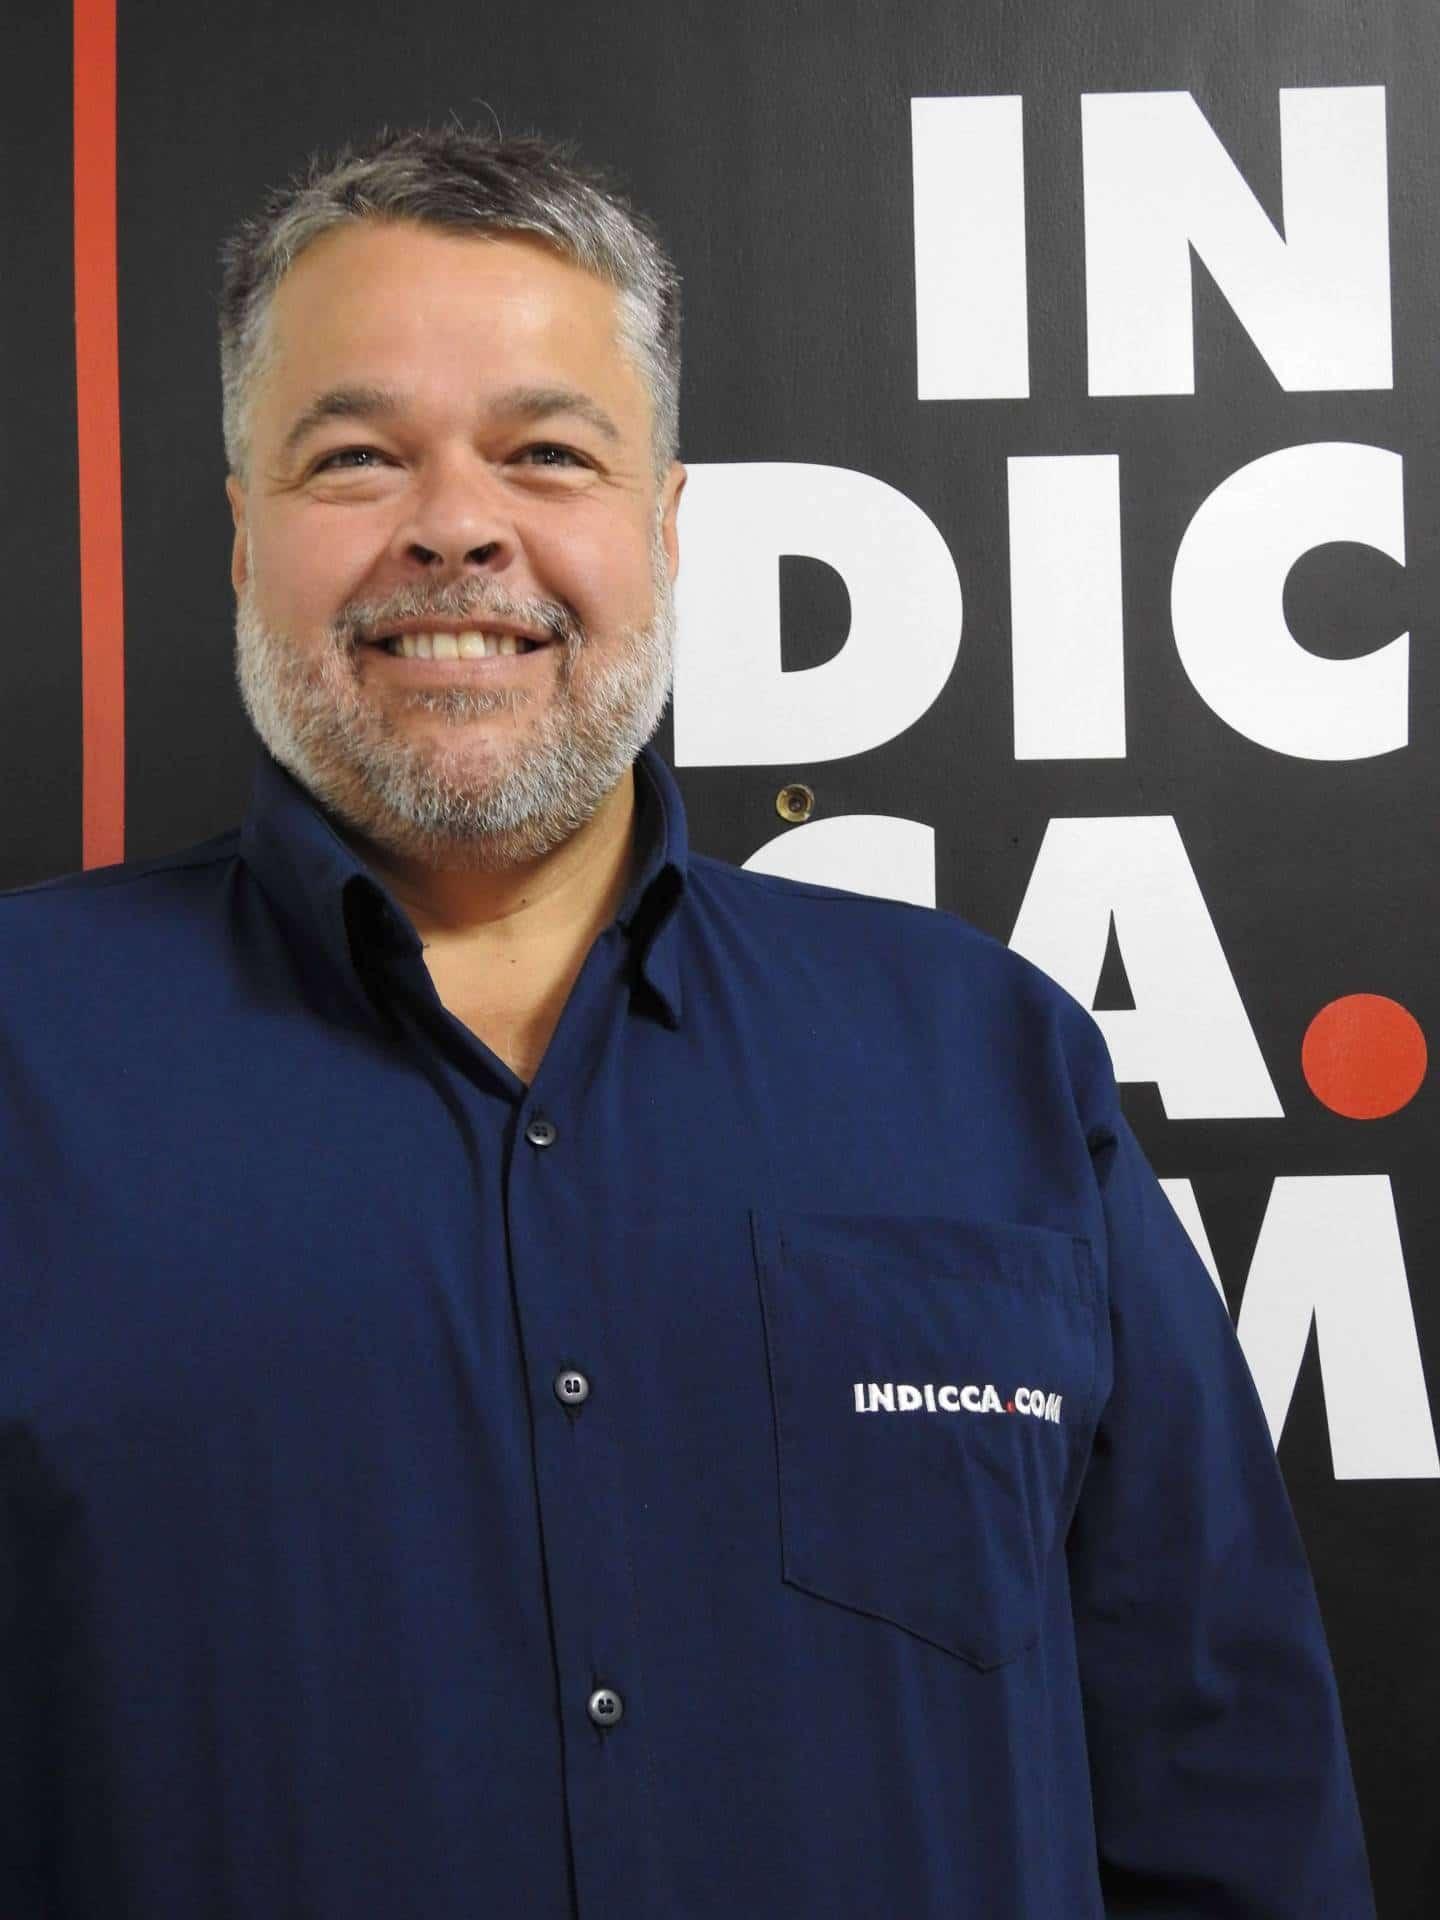 Pedro-Indicca-2019